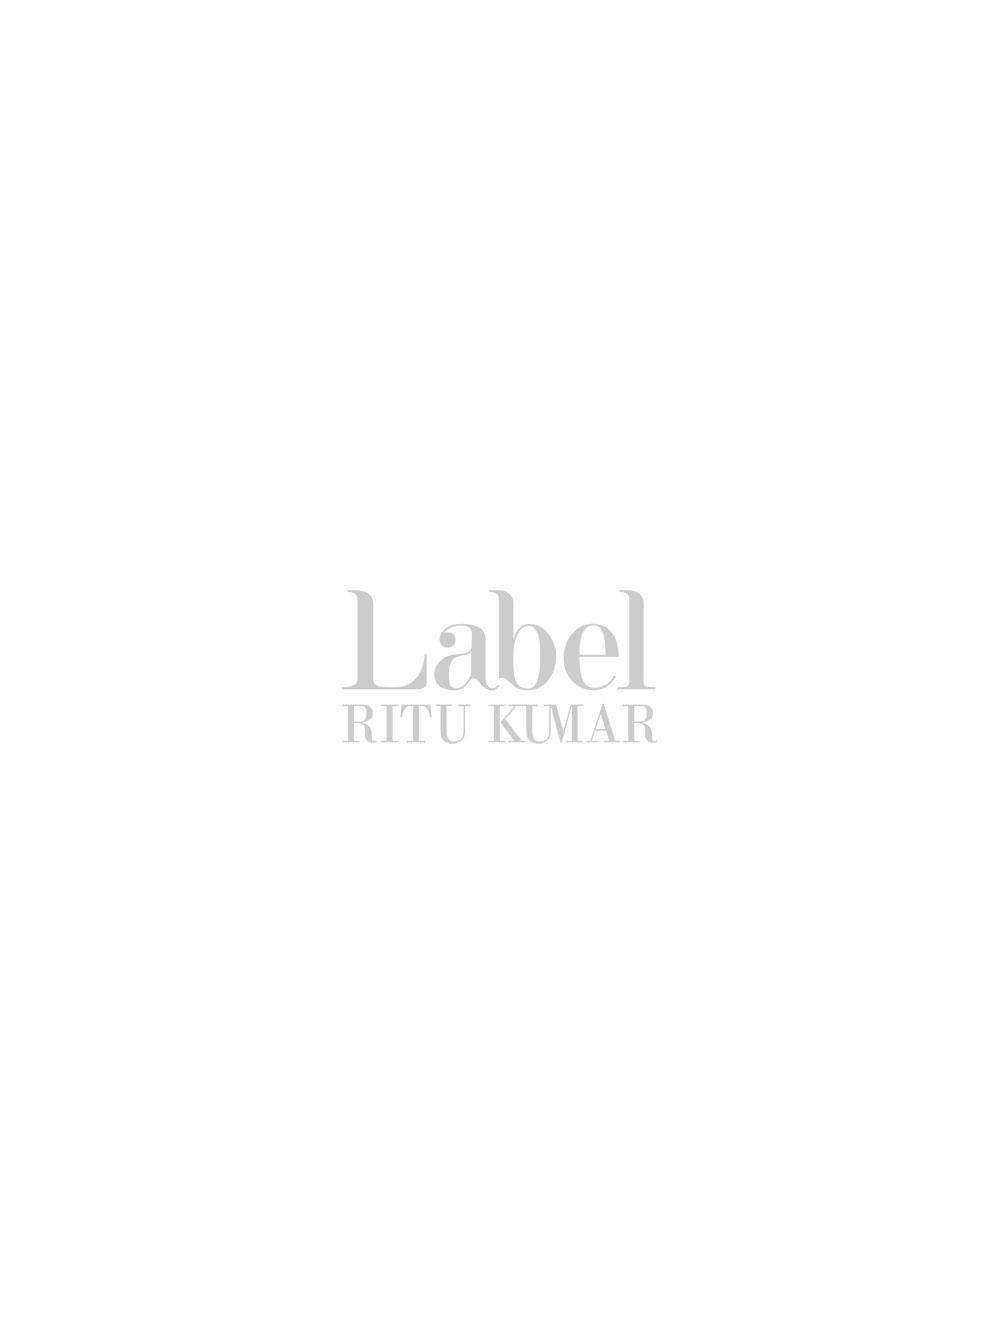 Khaki Full Sleeved Shirt in Signature Label Ritu Kumar Print